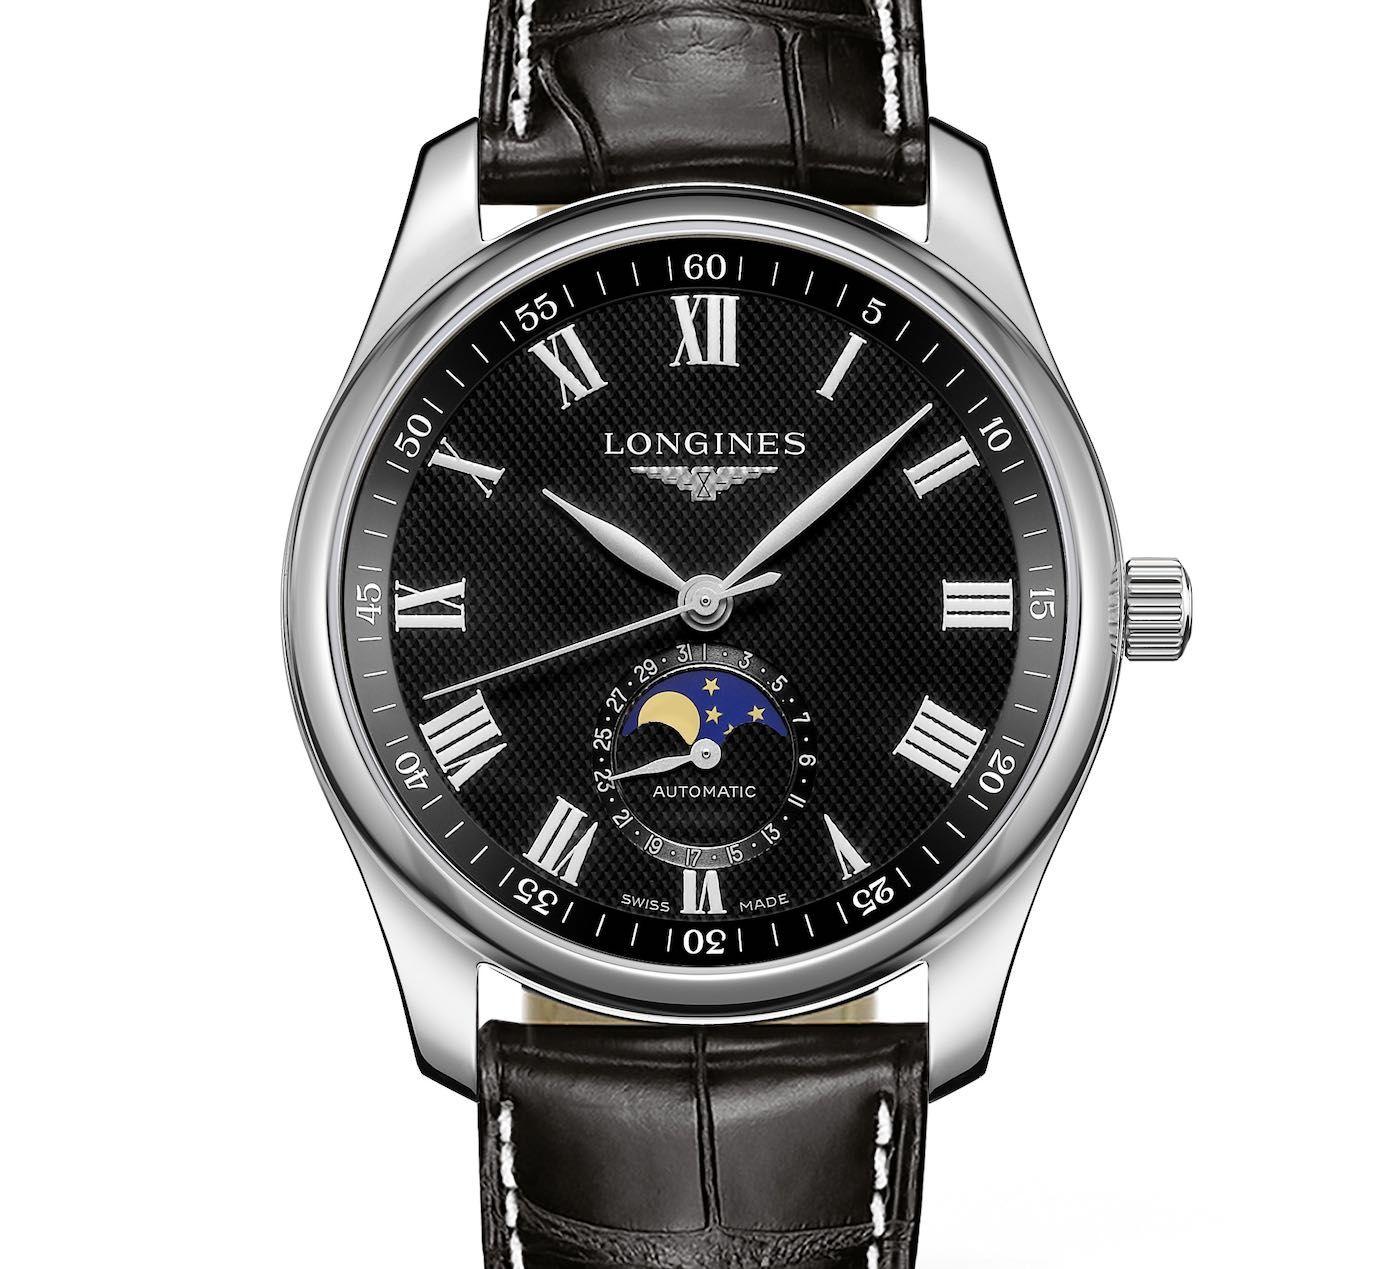 Longines Introduces New Longines Master Moonphase Watch Moonphase Watch Longines Simple Watches